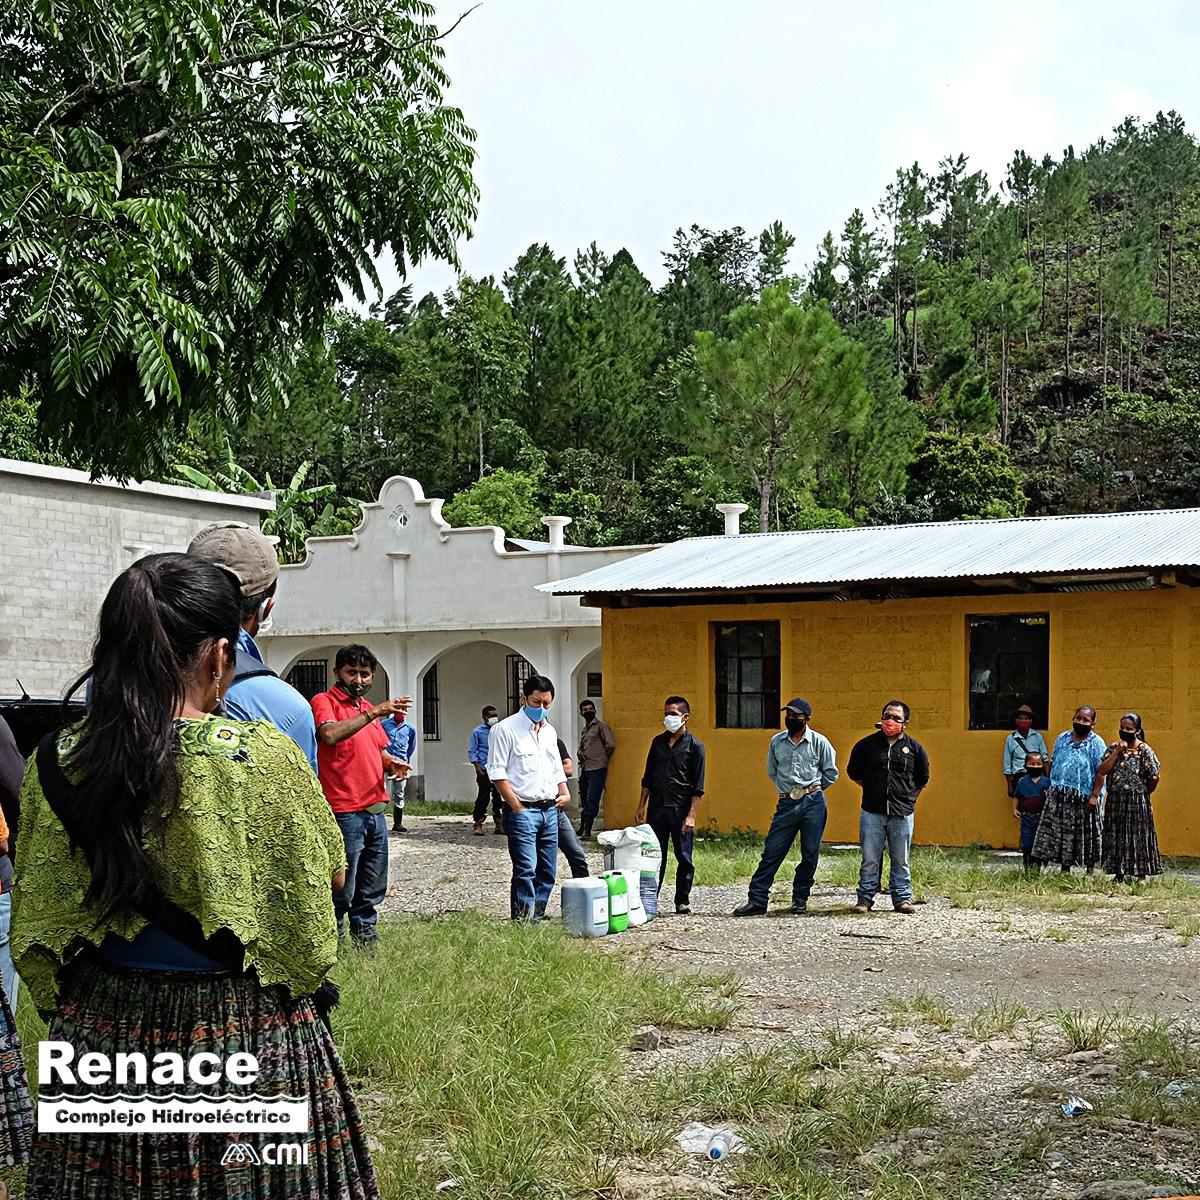 Renace, a través del Programa de Desarrollo Social Sostenible Excelencia Agrícola, en junio apoyó a 450 agricultores productores de Cardamomo de las comunidades de Oquebá, Xicacao, Purulhá, Rubelcruz, Chimuy y Chiacam de San Pedro Carchá. https://t.co/eXdG1346tA